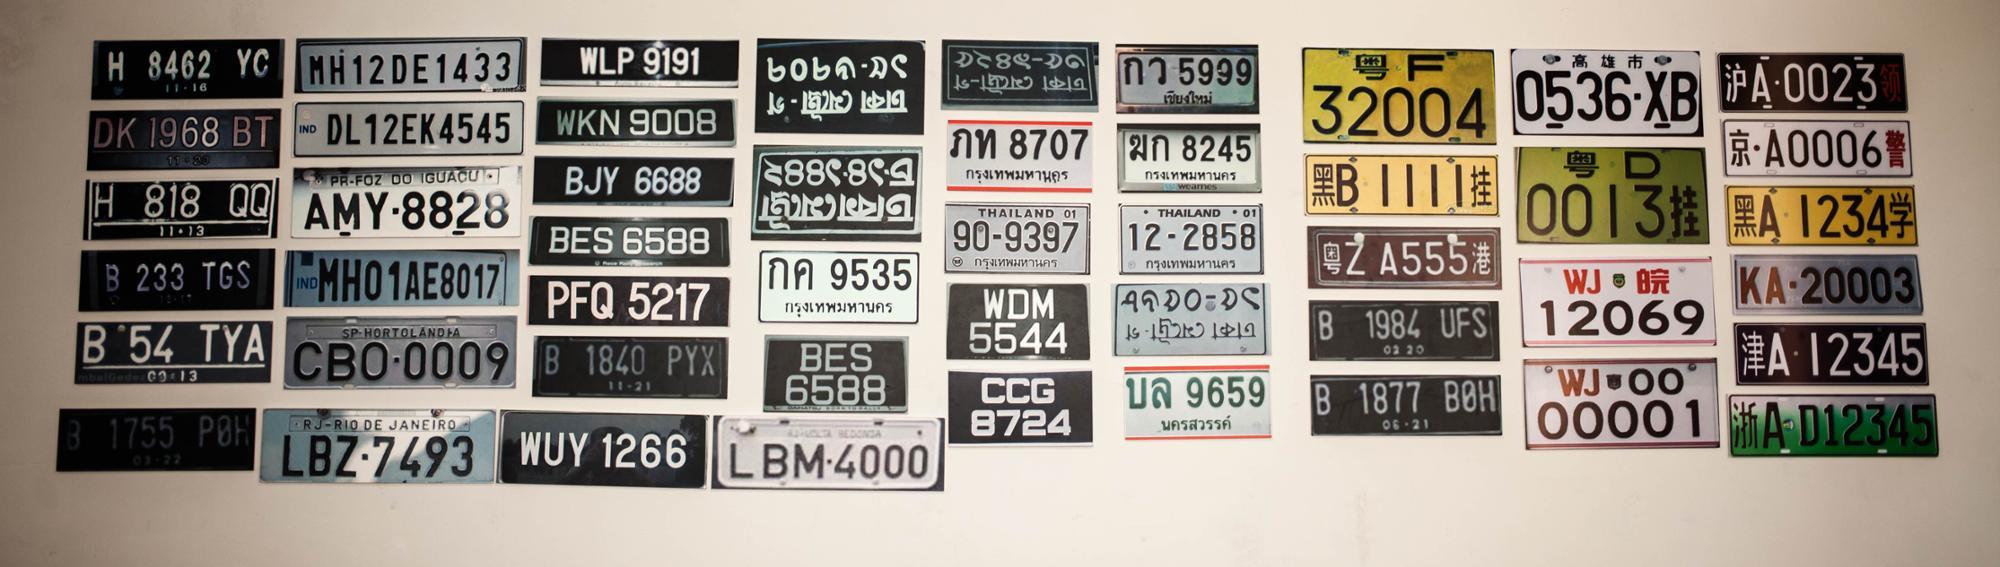 1080 p IP Autobahn Parkplatz Sicherheit LPR ANPR Überwachung Cctv-kamera Für lizenz platte anzahl anerkennung